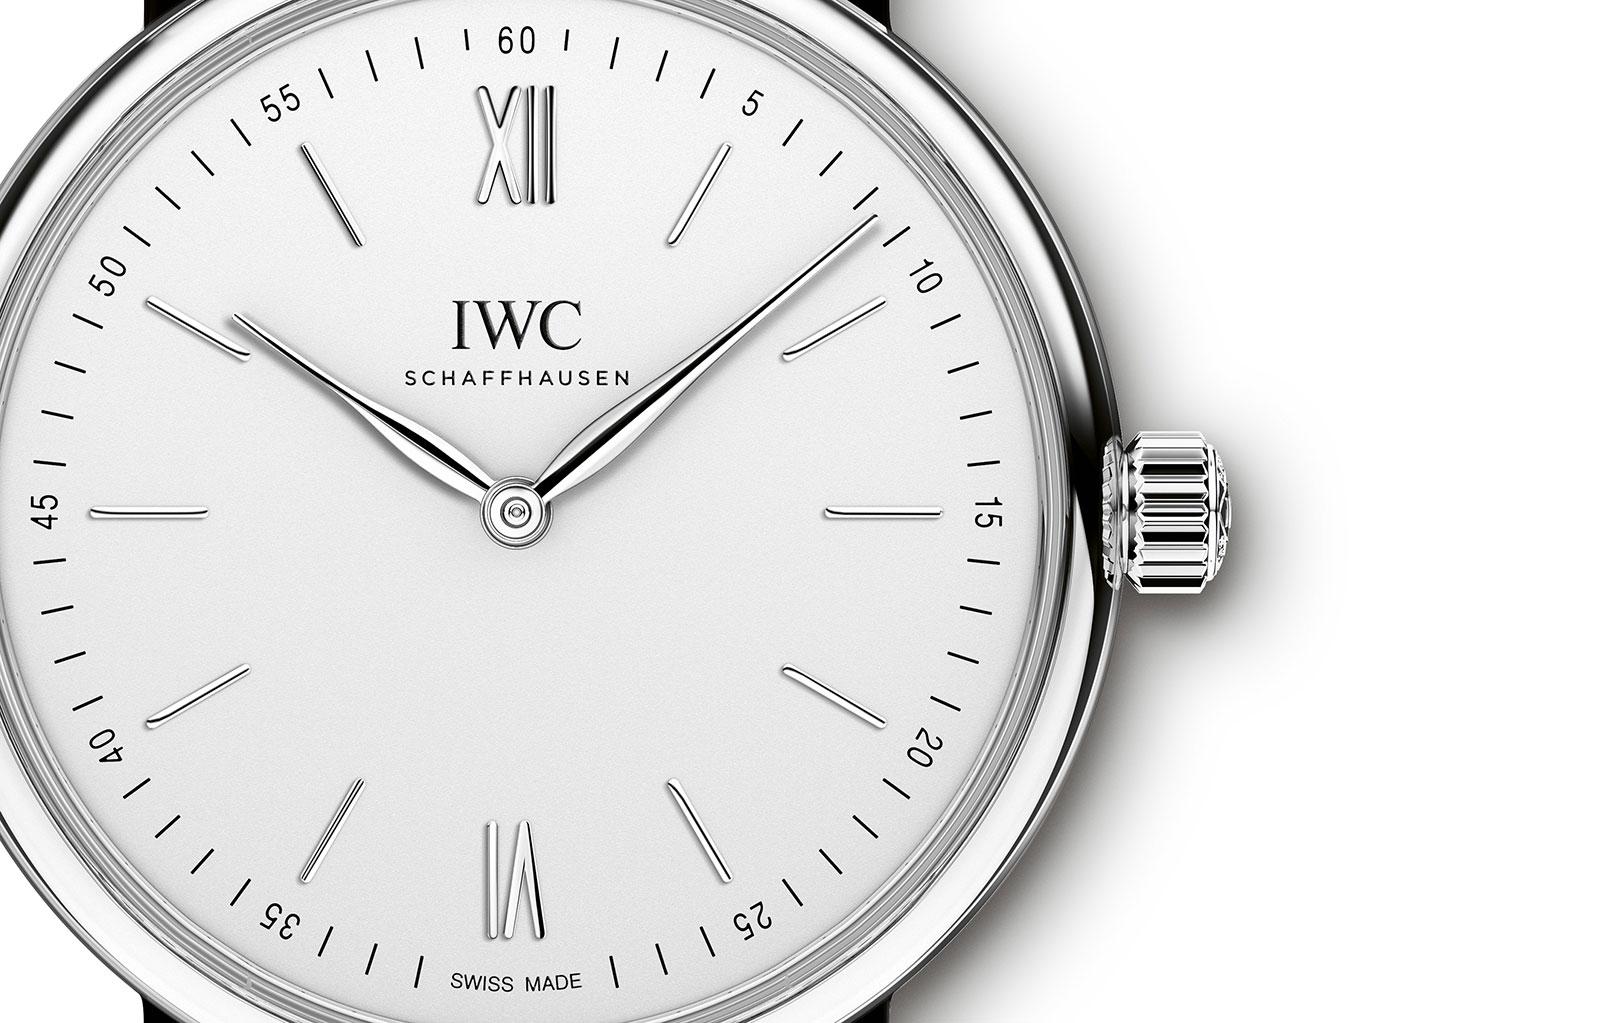 IWC-Portofino-Hand-Wound-Pure-Classic-3